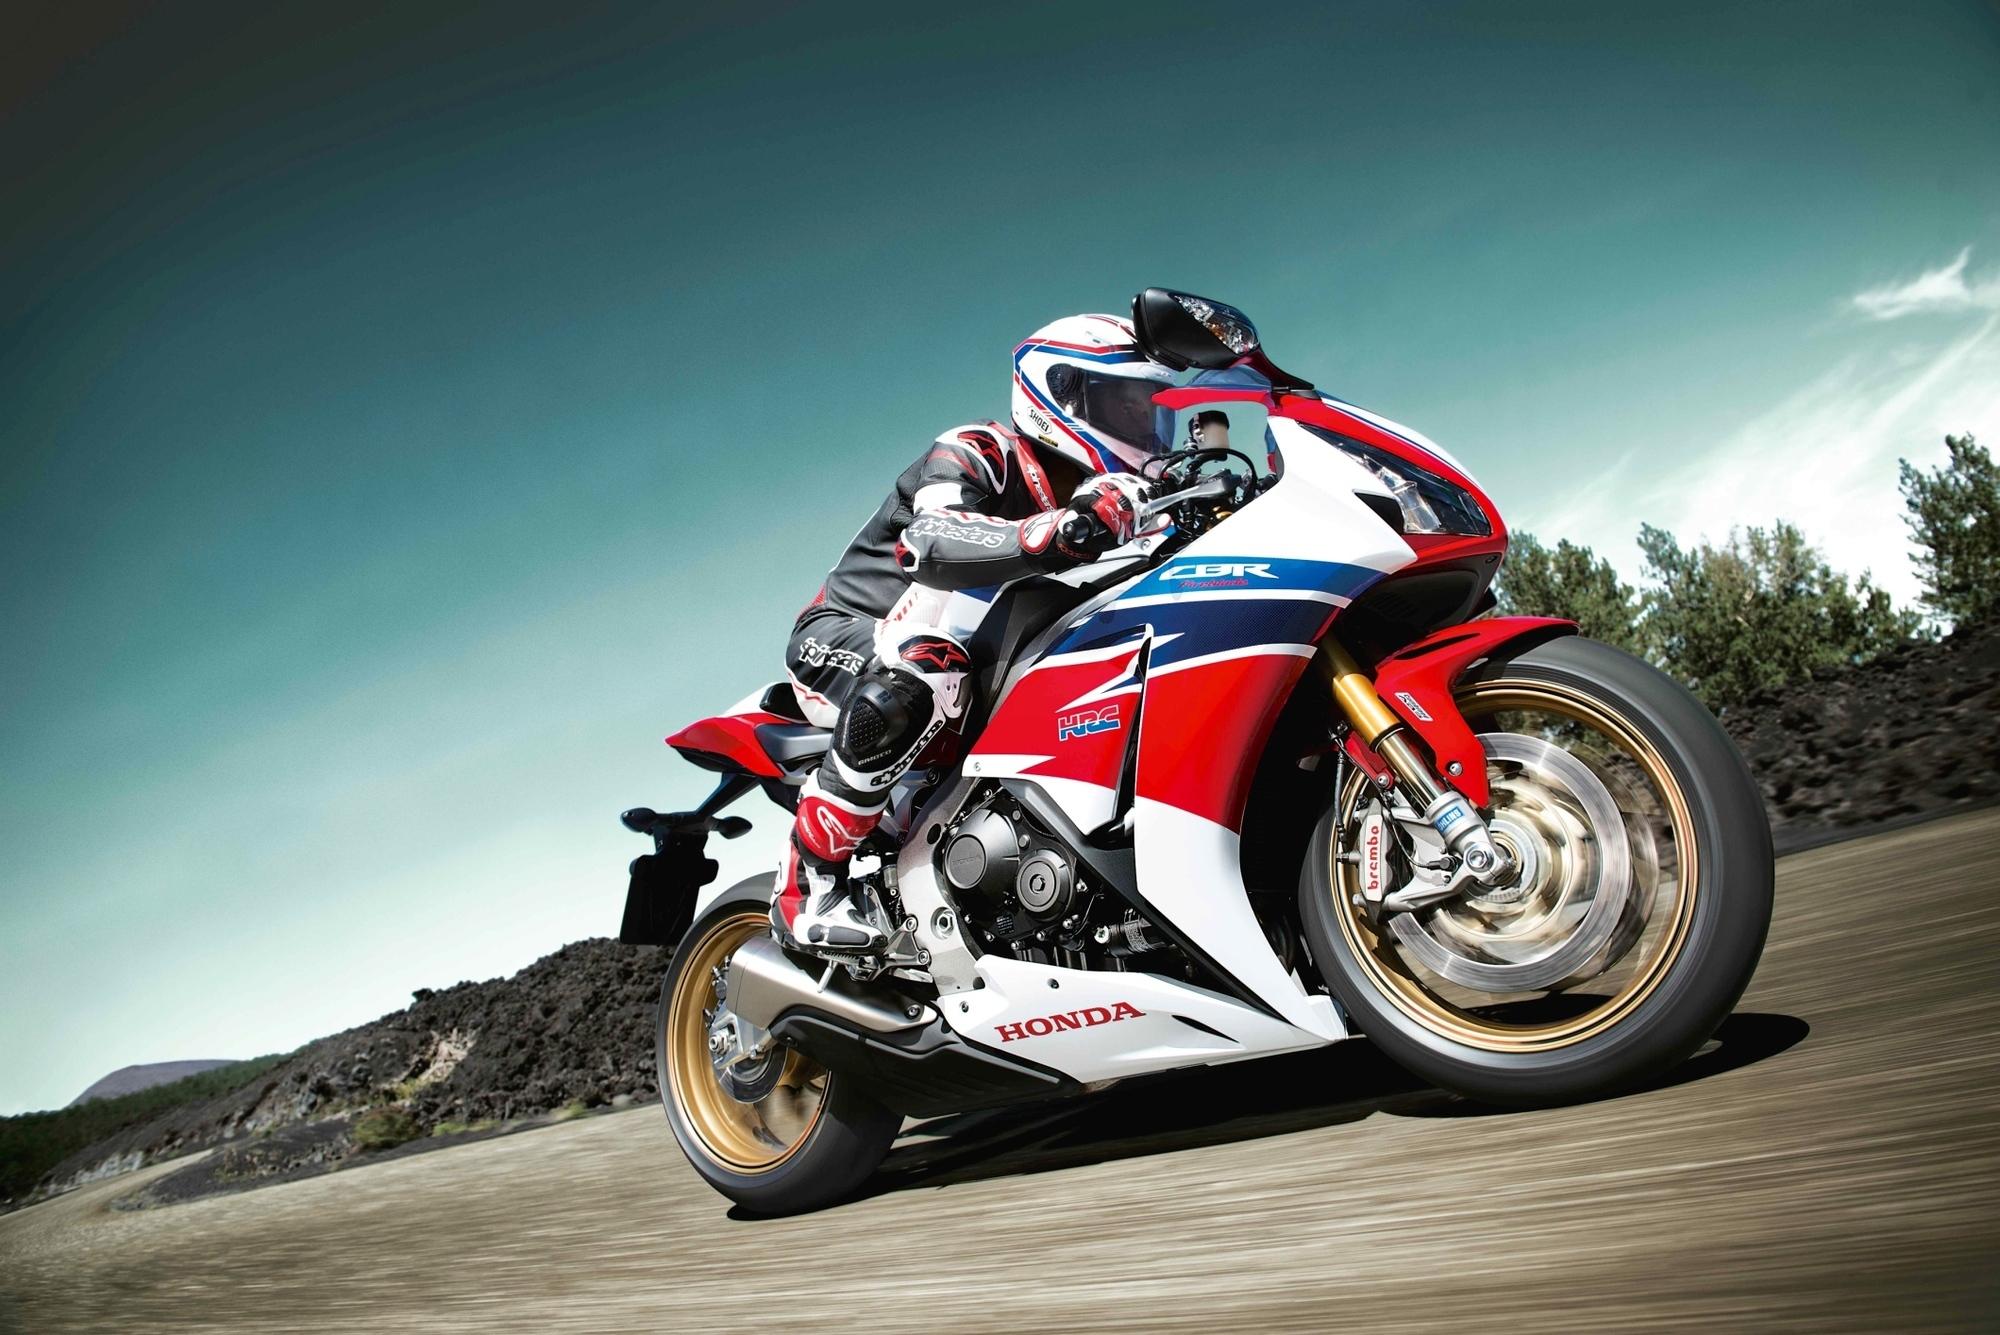 Test: Honda CB 1000 RR Fireblade SP - Straßen-Racer mit Manieren